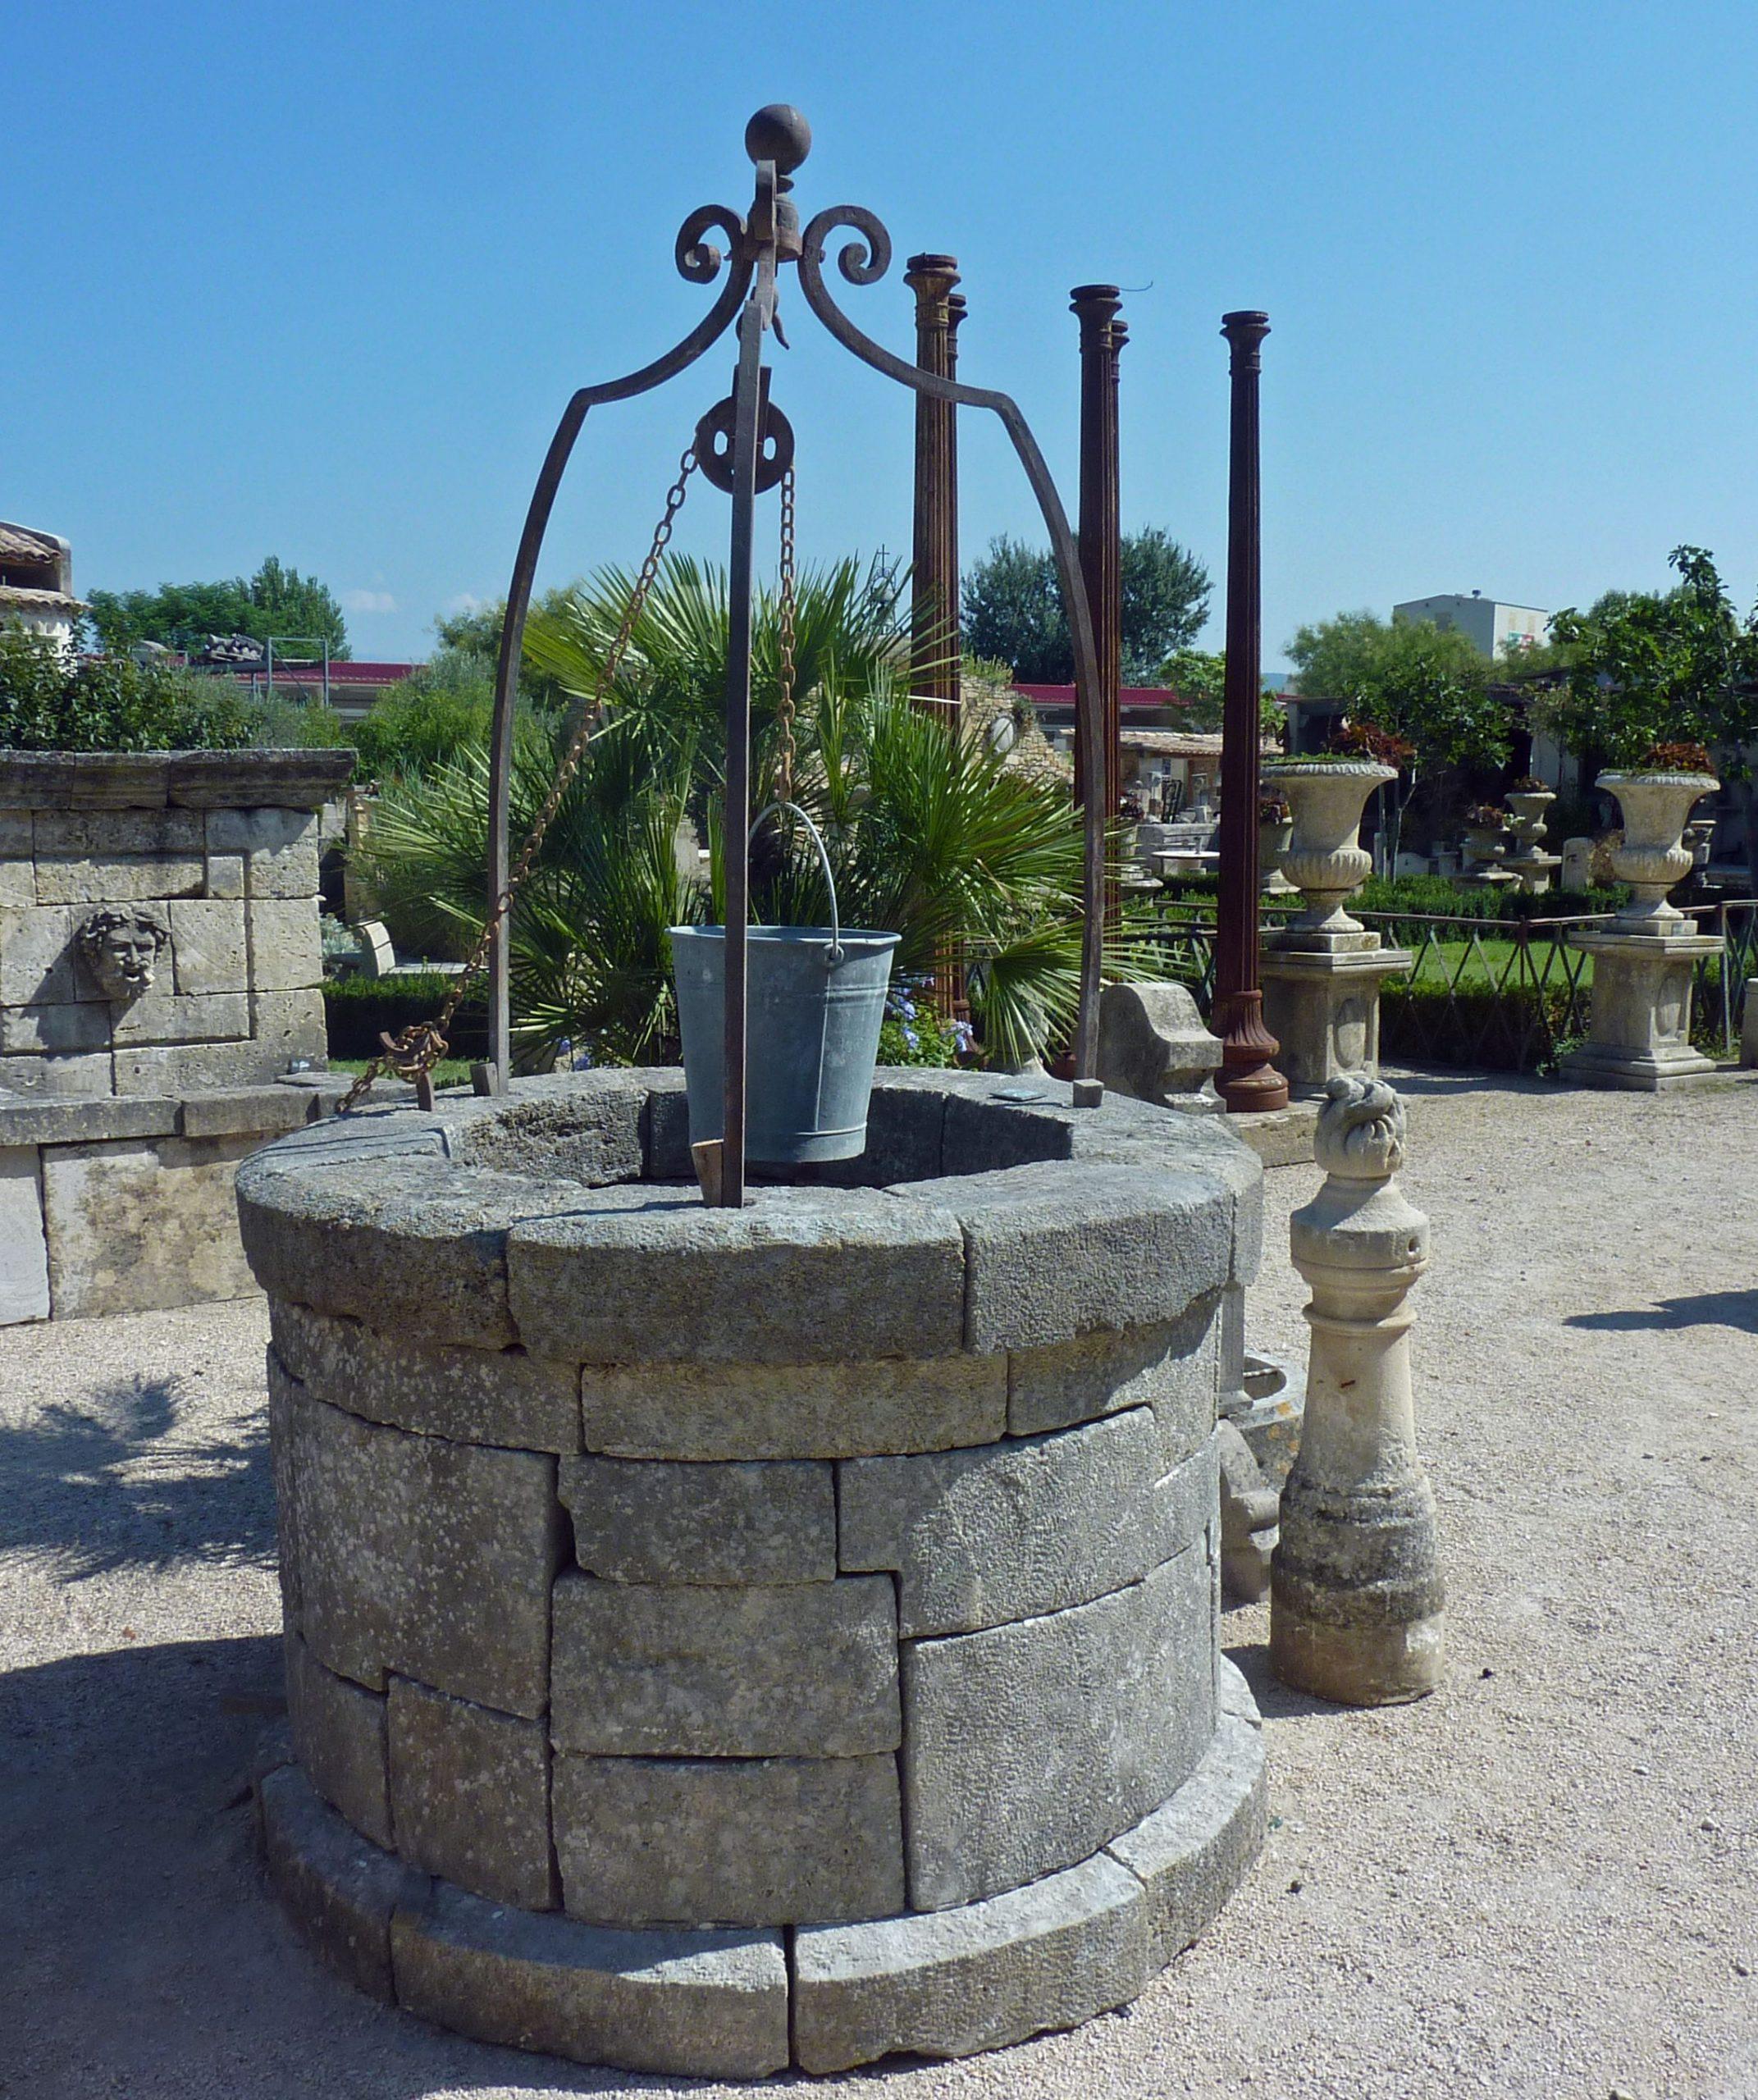 Épinglé Sur Puits destiné Puit Decoratif Jardin